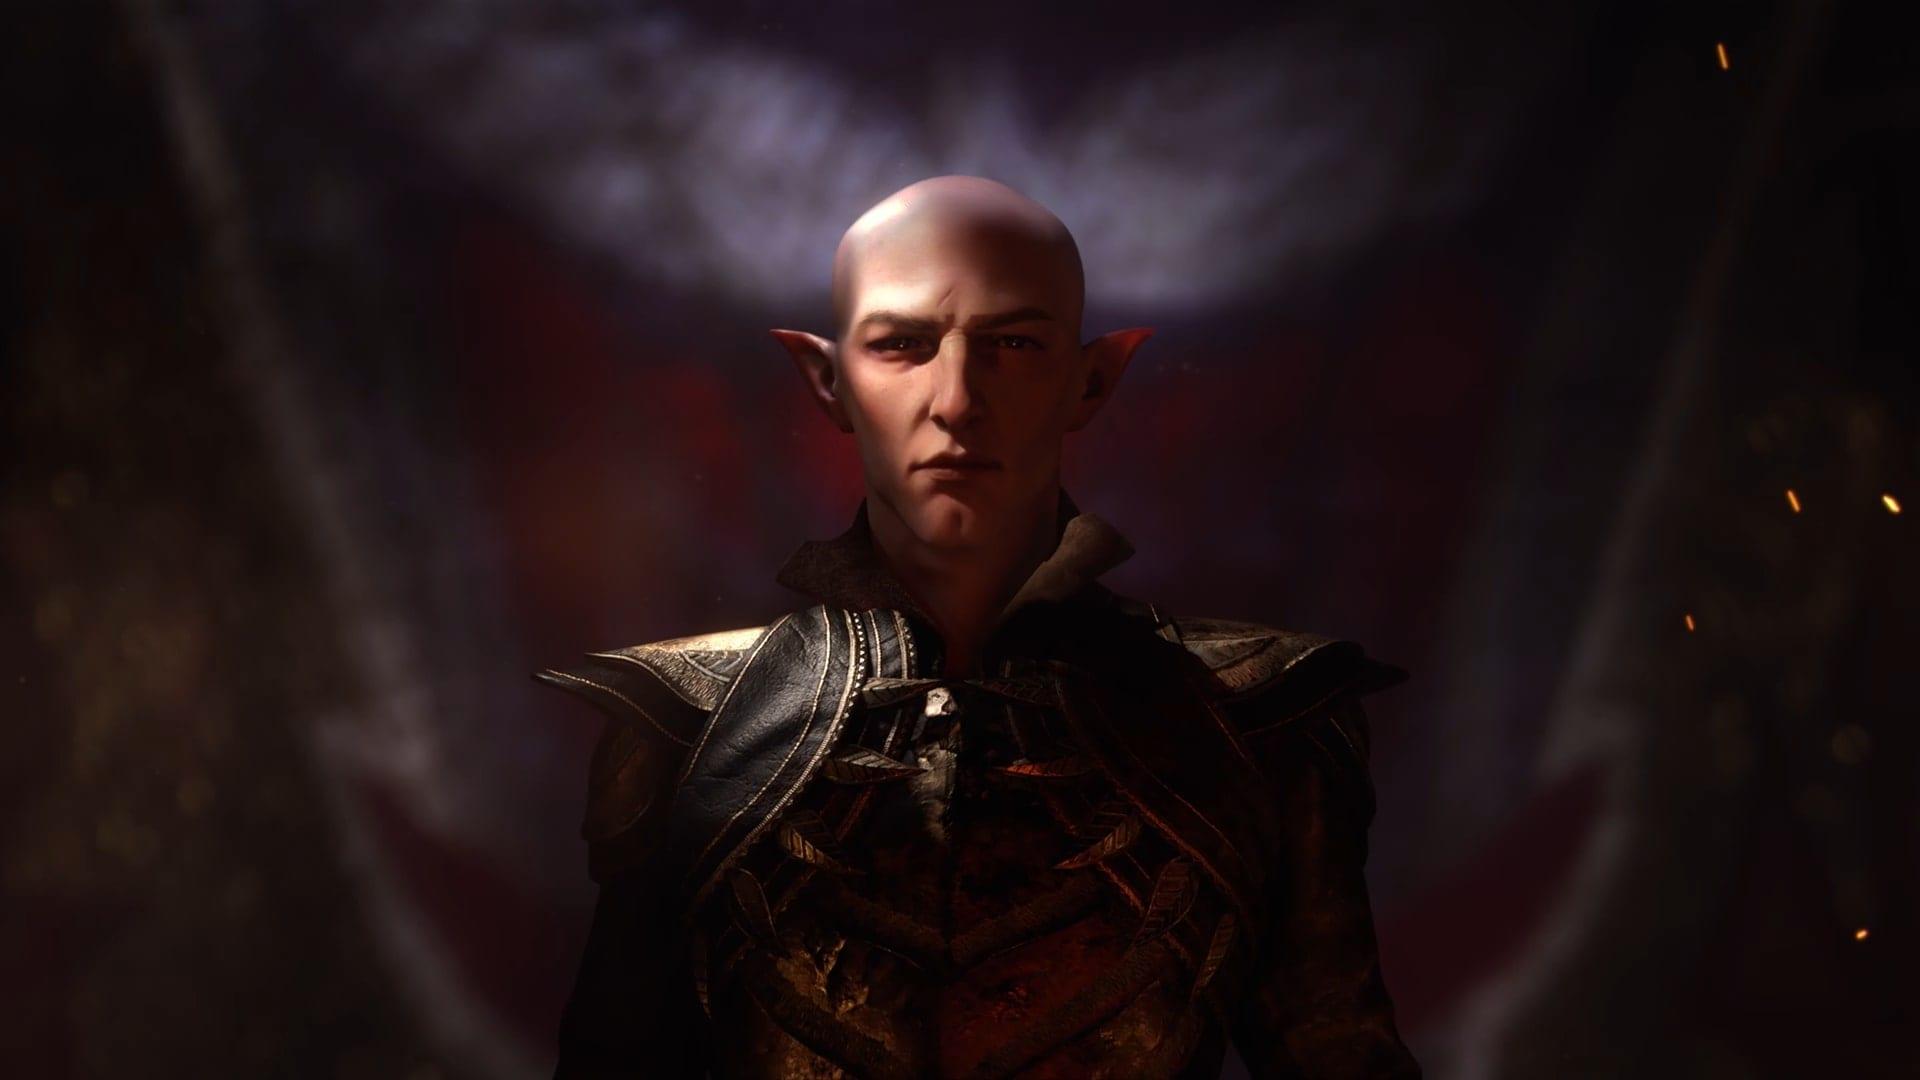 Next Dragon Age